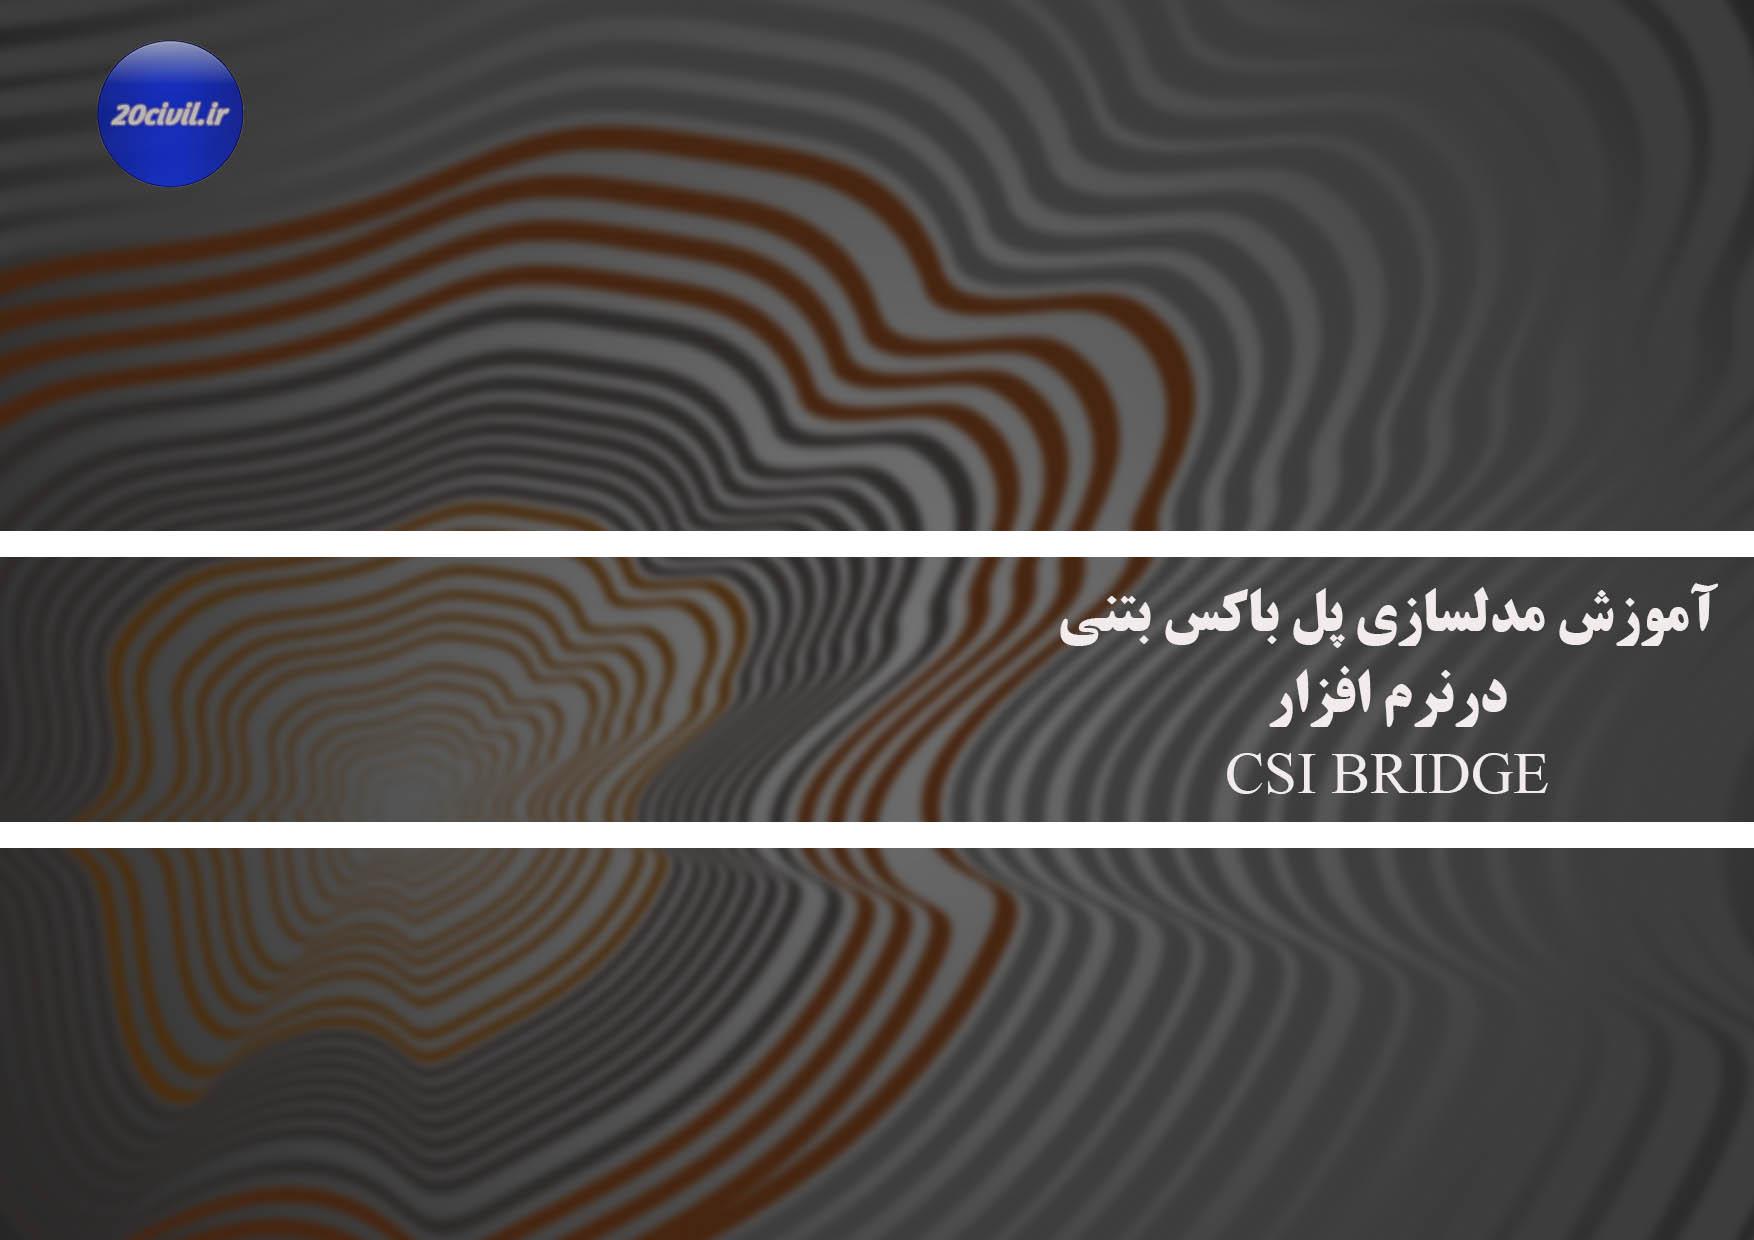 |فیلم آموزش طراحی پل|فیلم آموزش CSI bridge|